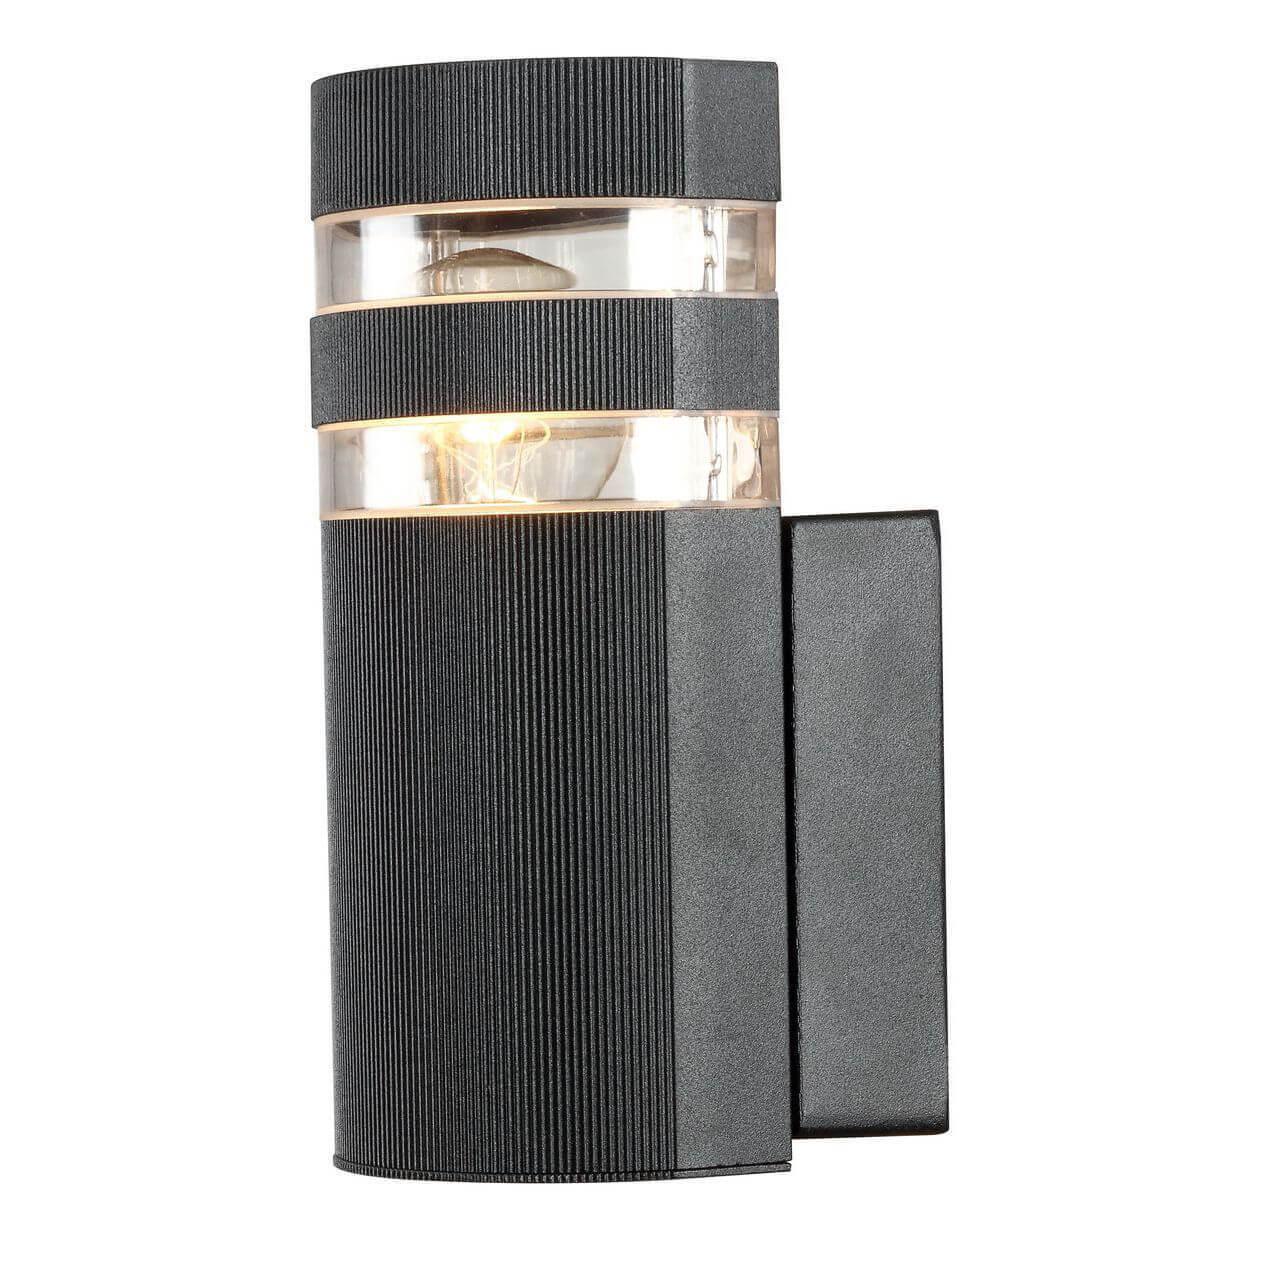 Светильник Arte Lamp A8162AL-1BK Metro Black потолочный светильник arte lamp cardani black арт a5936pl 1bk